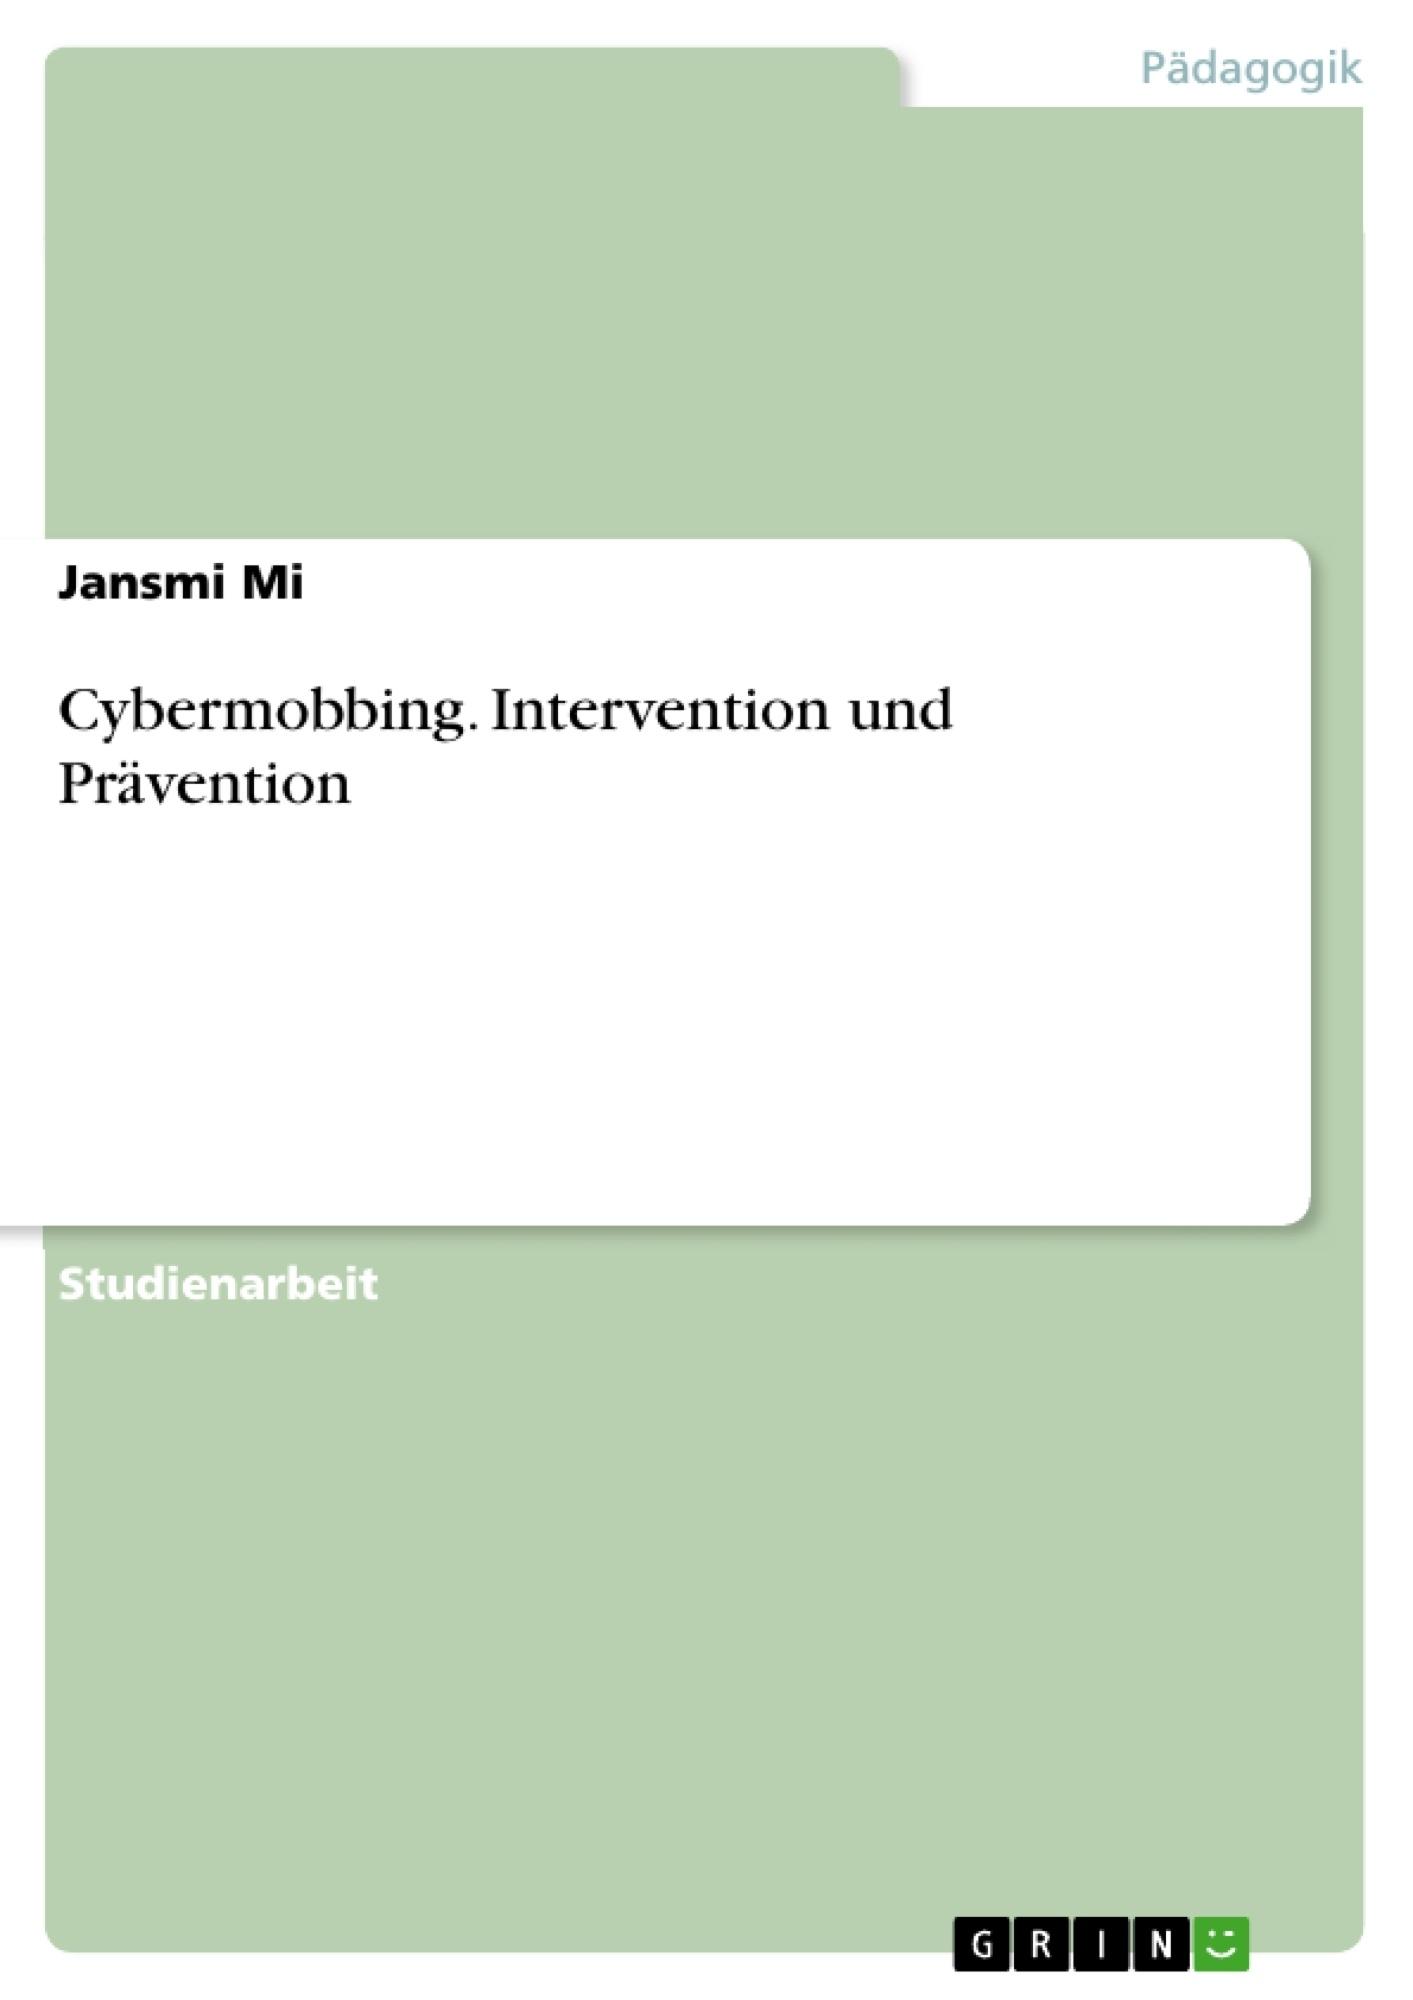 Titel: Cybermobbing. Intervention und Prävention